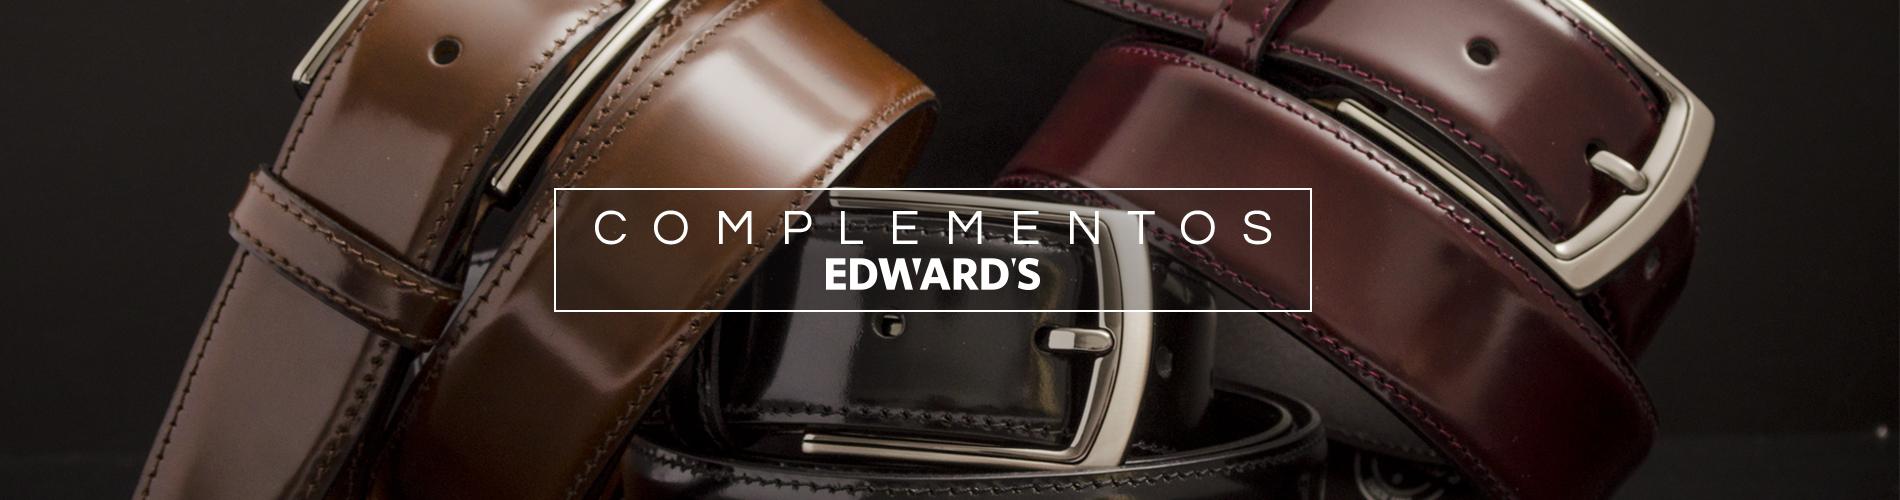 edwards-belt-leather